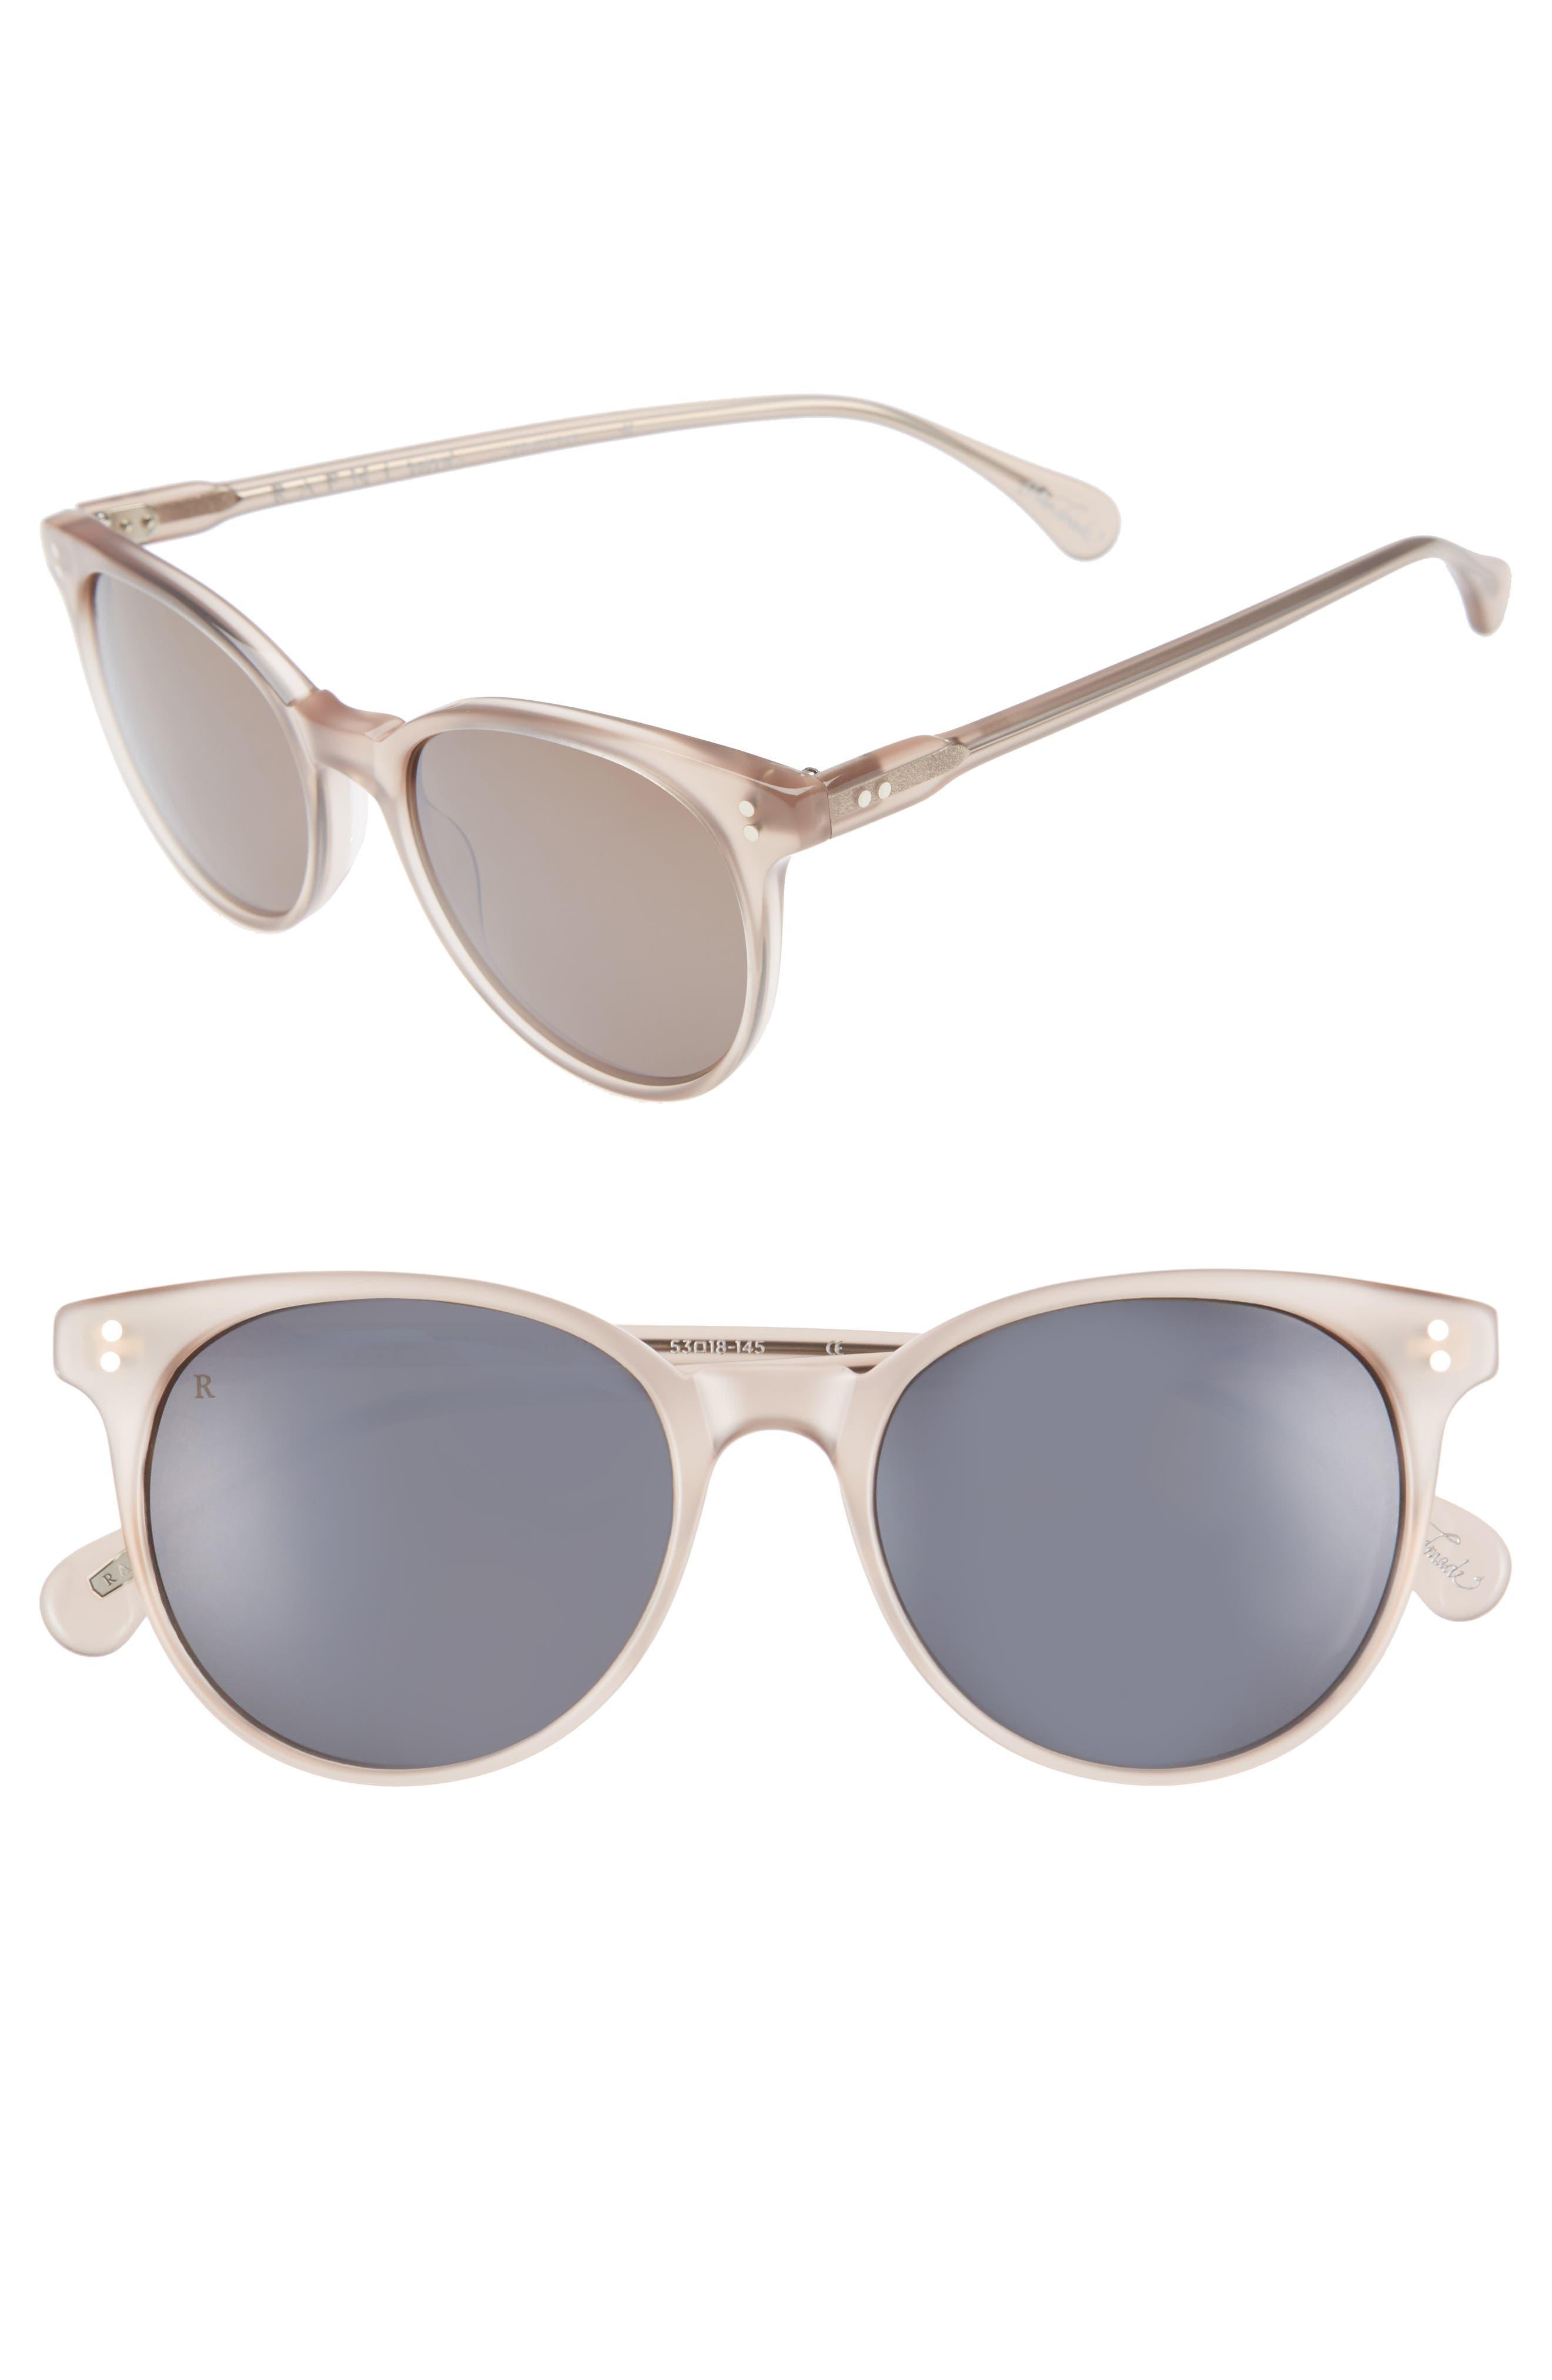 Alternate Image 1 Selected - RAEN Norie 51mm Cat Eye Mirrored Lens Sunglasses